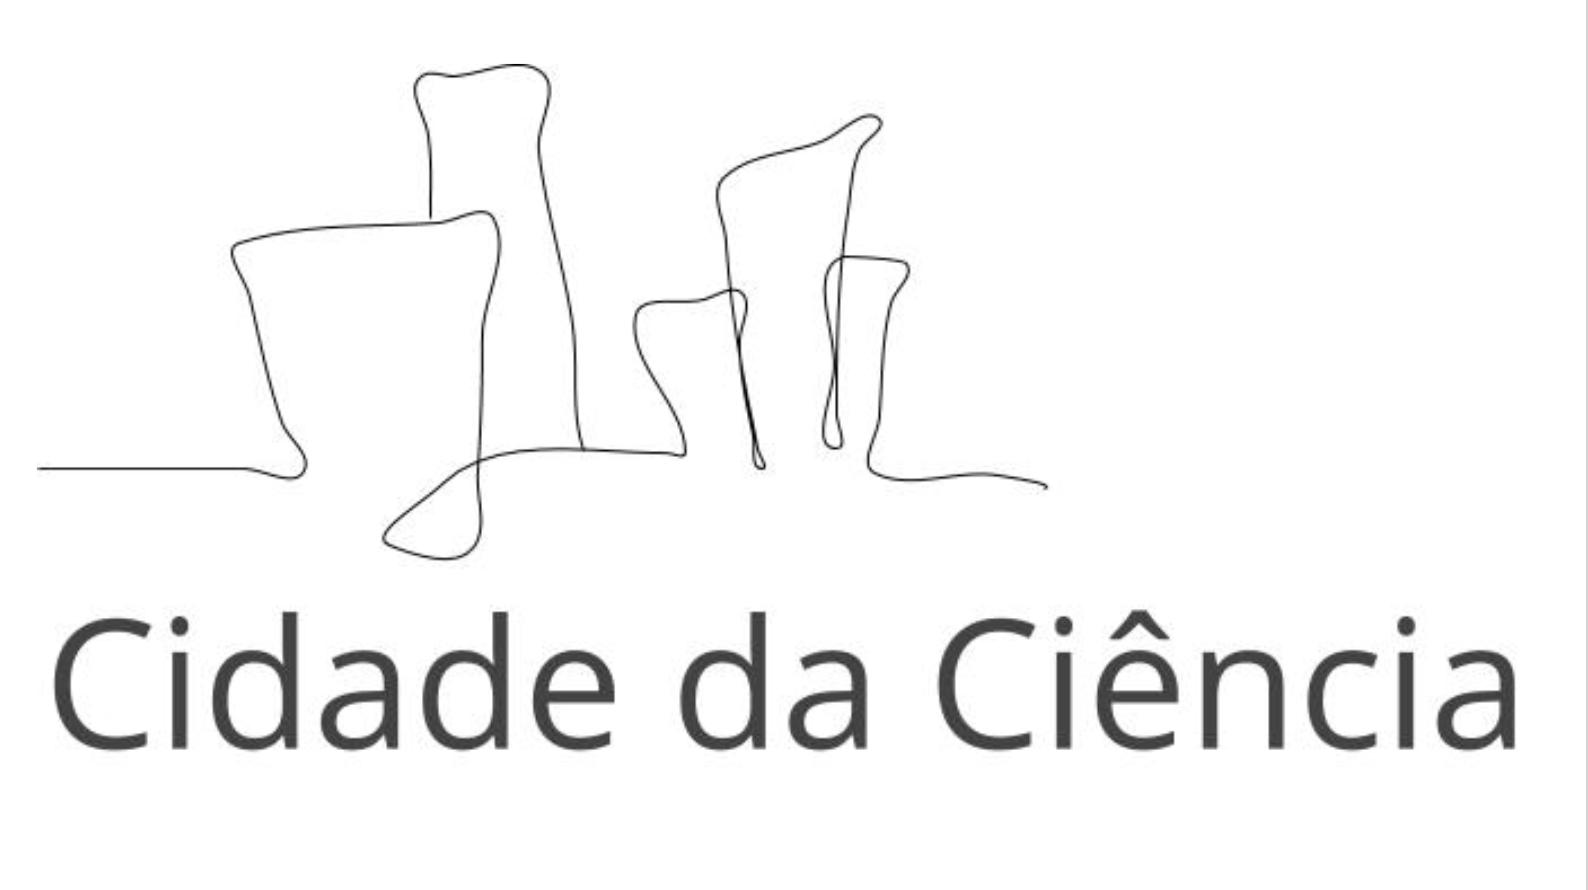 Cidade da Ciência